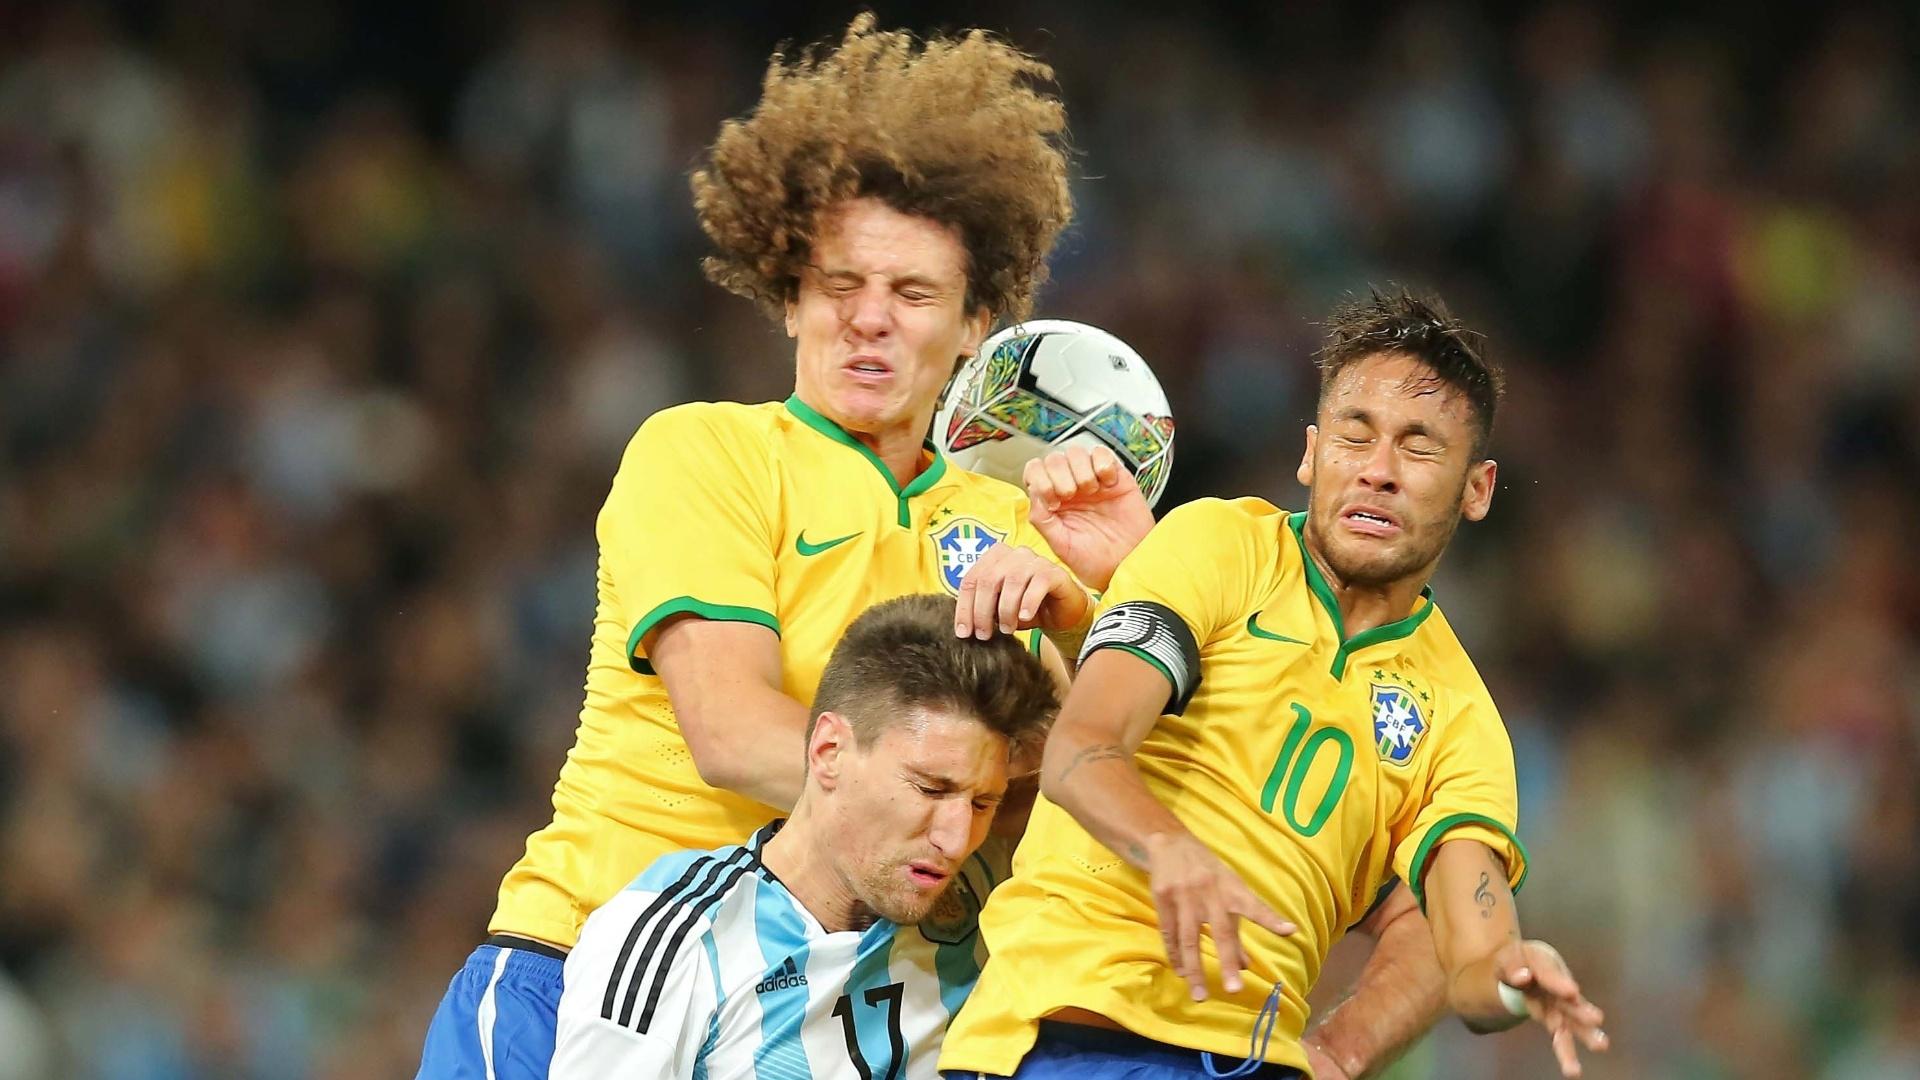 David Luiz e Neymar, da seleção brasileira, sobem de cabeça para brigar pelo alto com Fernandez, da Argentina, no Superclássico das Américas, em Pequim